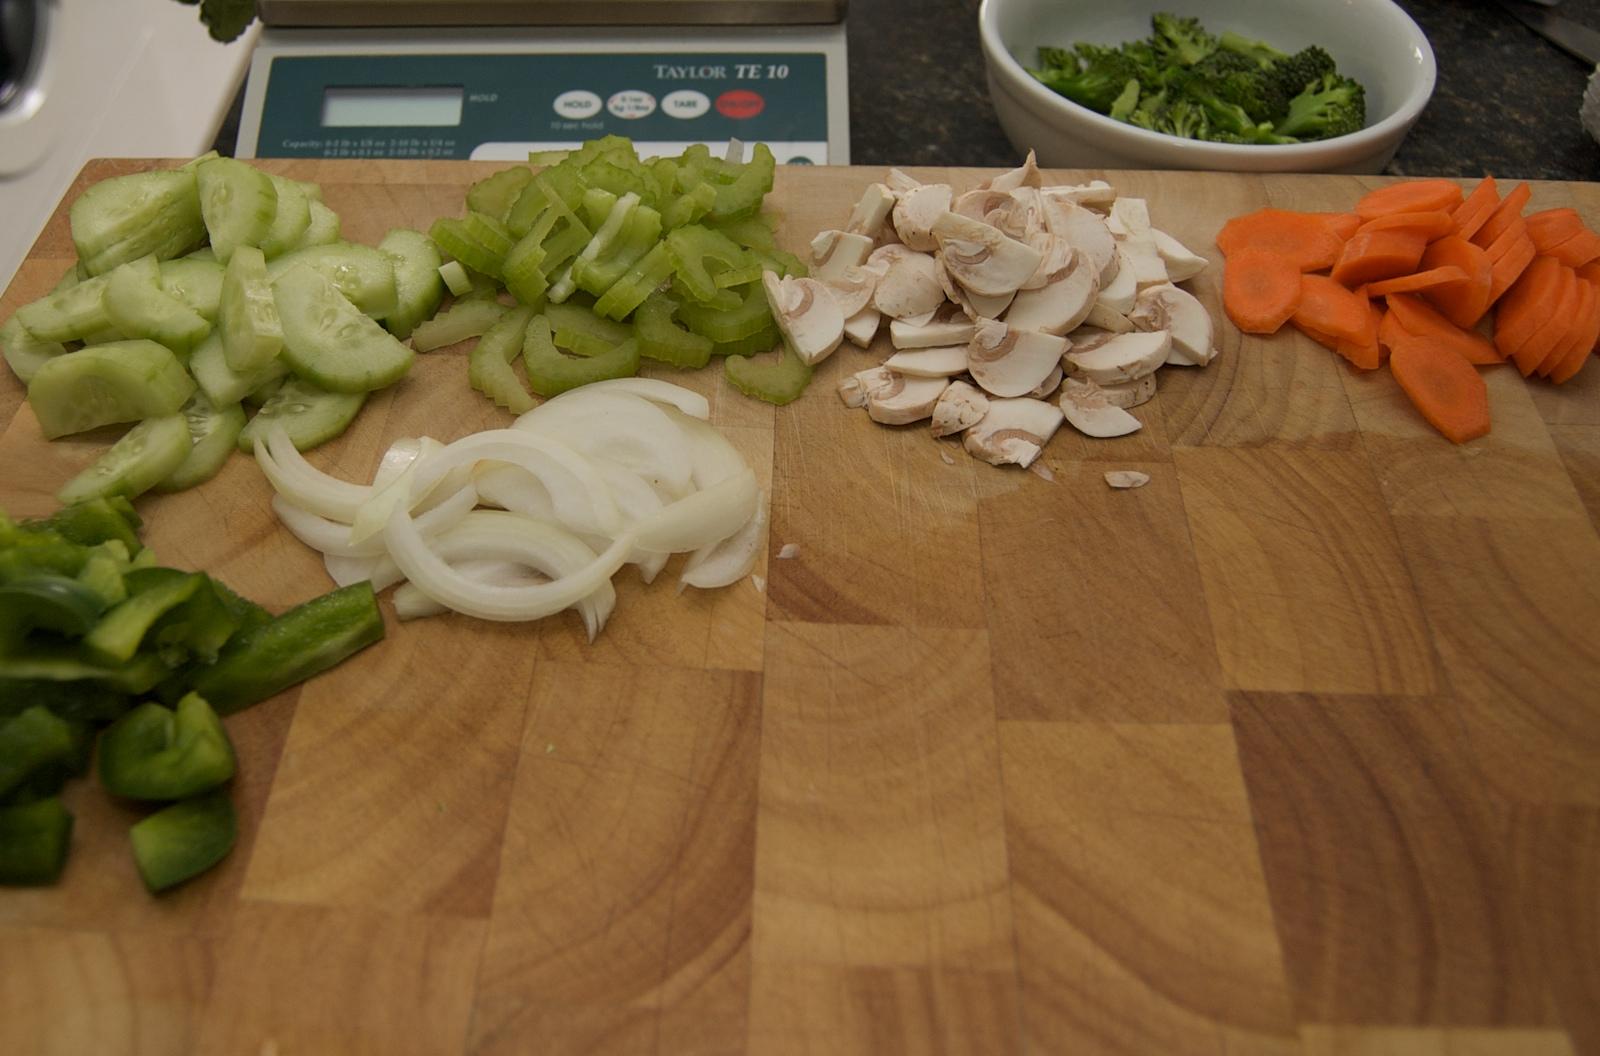 http://blog.rickk.com/food/2010/03/23/salad3.jpg